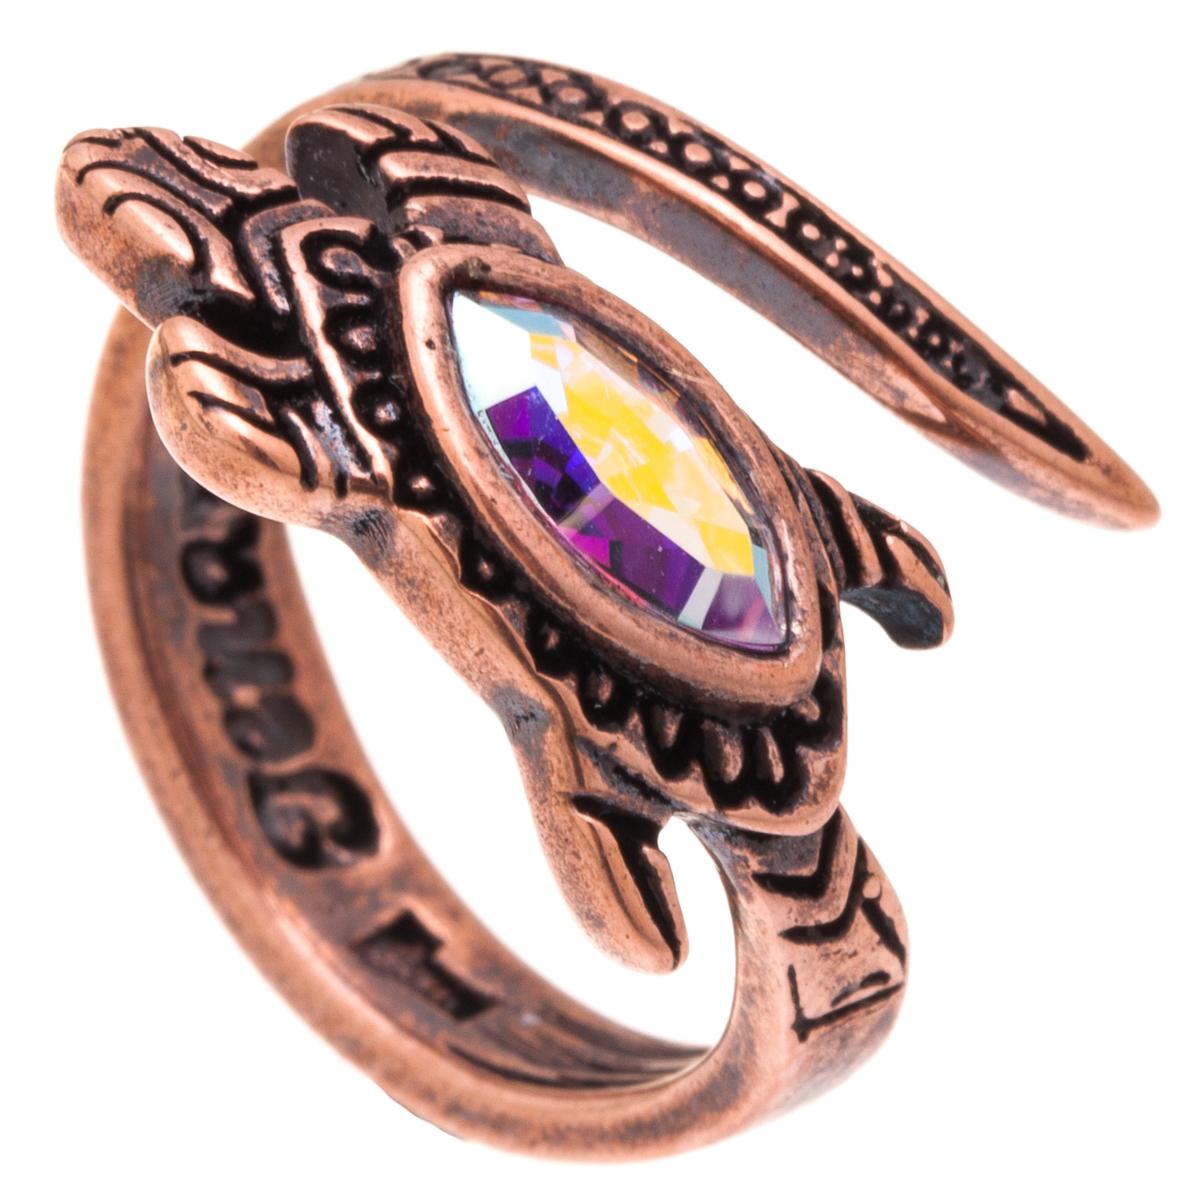 Кольцо Jenavi Калпеса, цвет: медный. k343u070. Размер 16k343u070Оригинальное кольцо Jenavi Калпеса изготовлено из ювелирного сплава с медным покрытием. Декоративный элемент украшения выполнен в виде ящерицы и инкрустирован кристаллом Swarovski. Стильное кольцо придаст вашему образу изюминку и подчеркнет индивидуальность.